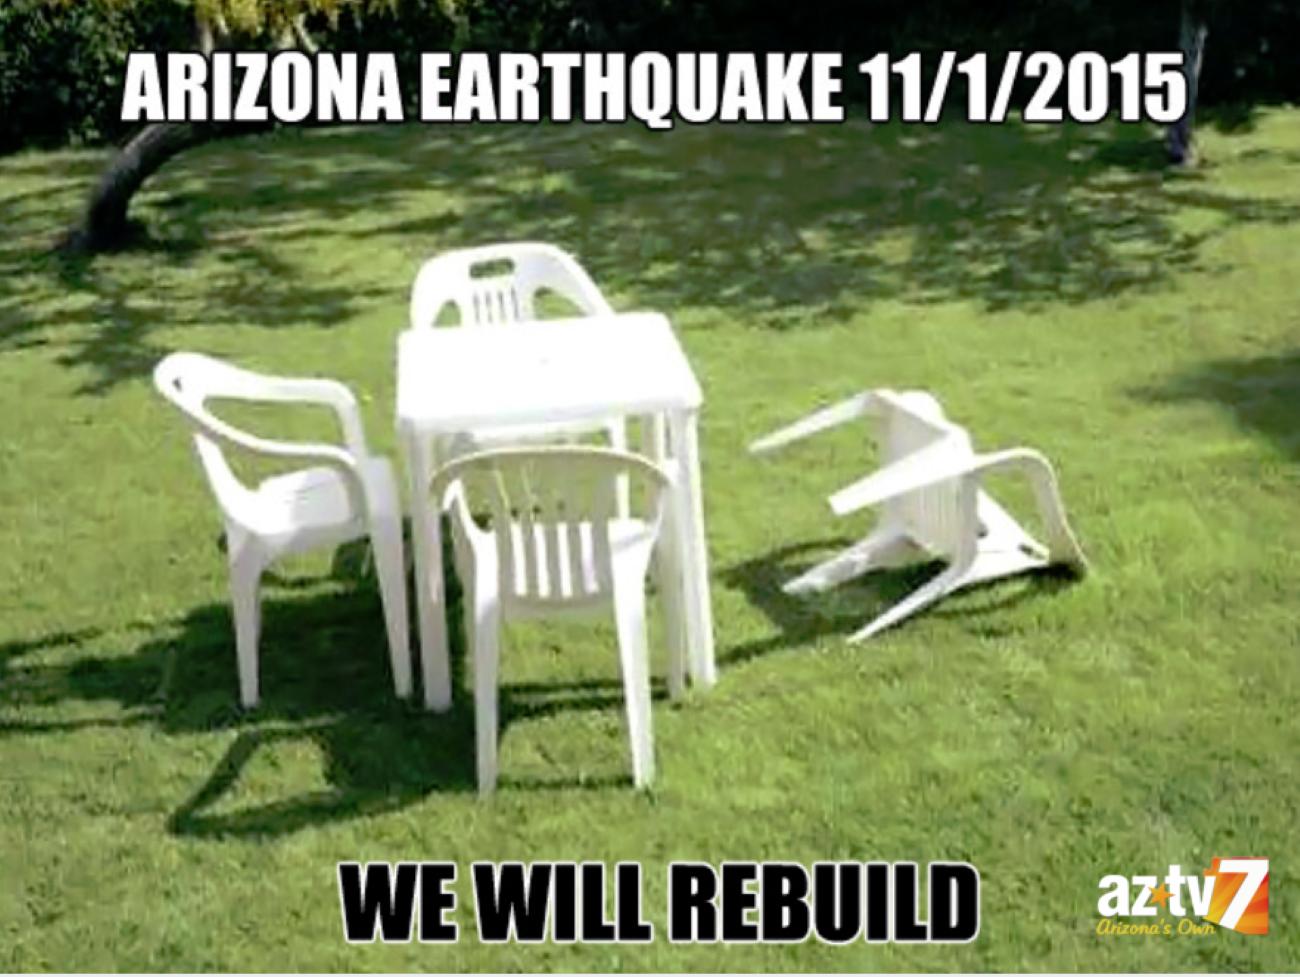 b7c6941ece8651d932150b1bba05c69c still shaken up from arizona's earthquake last night arizona